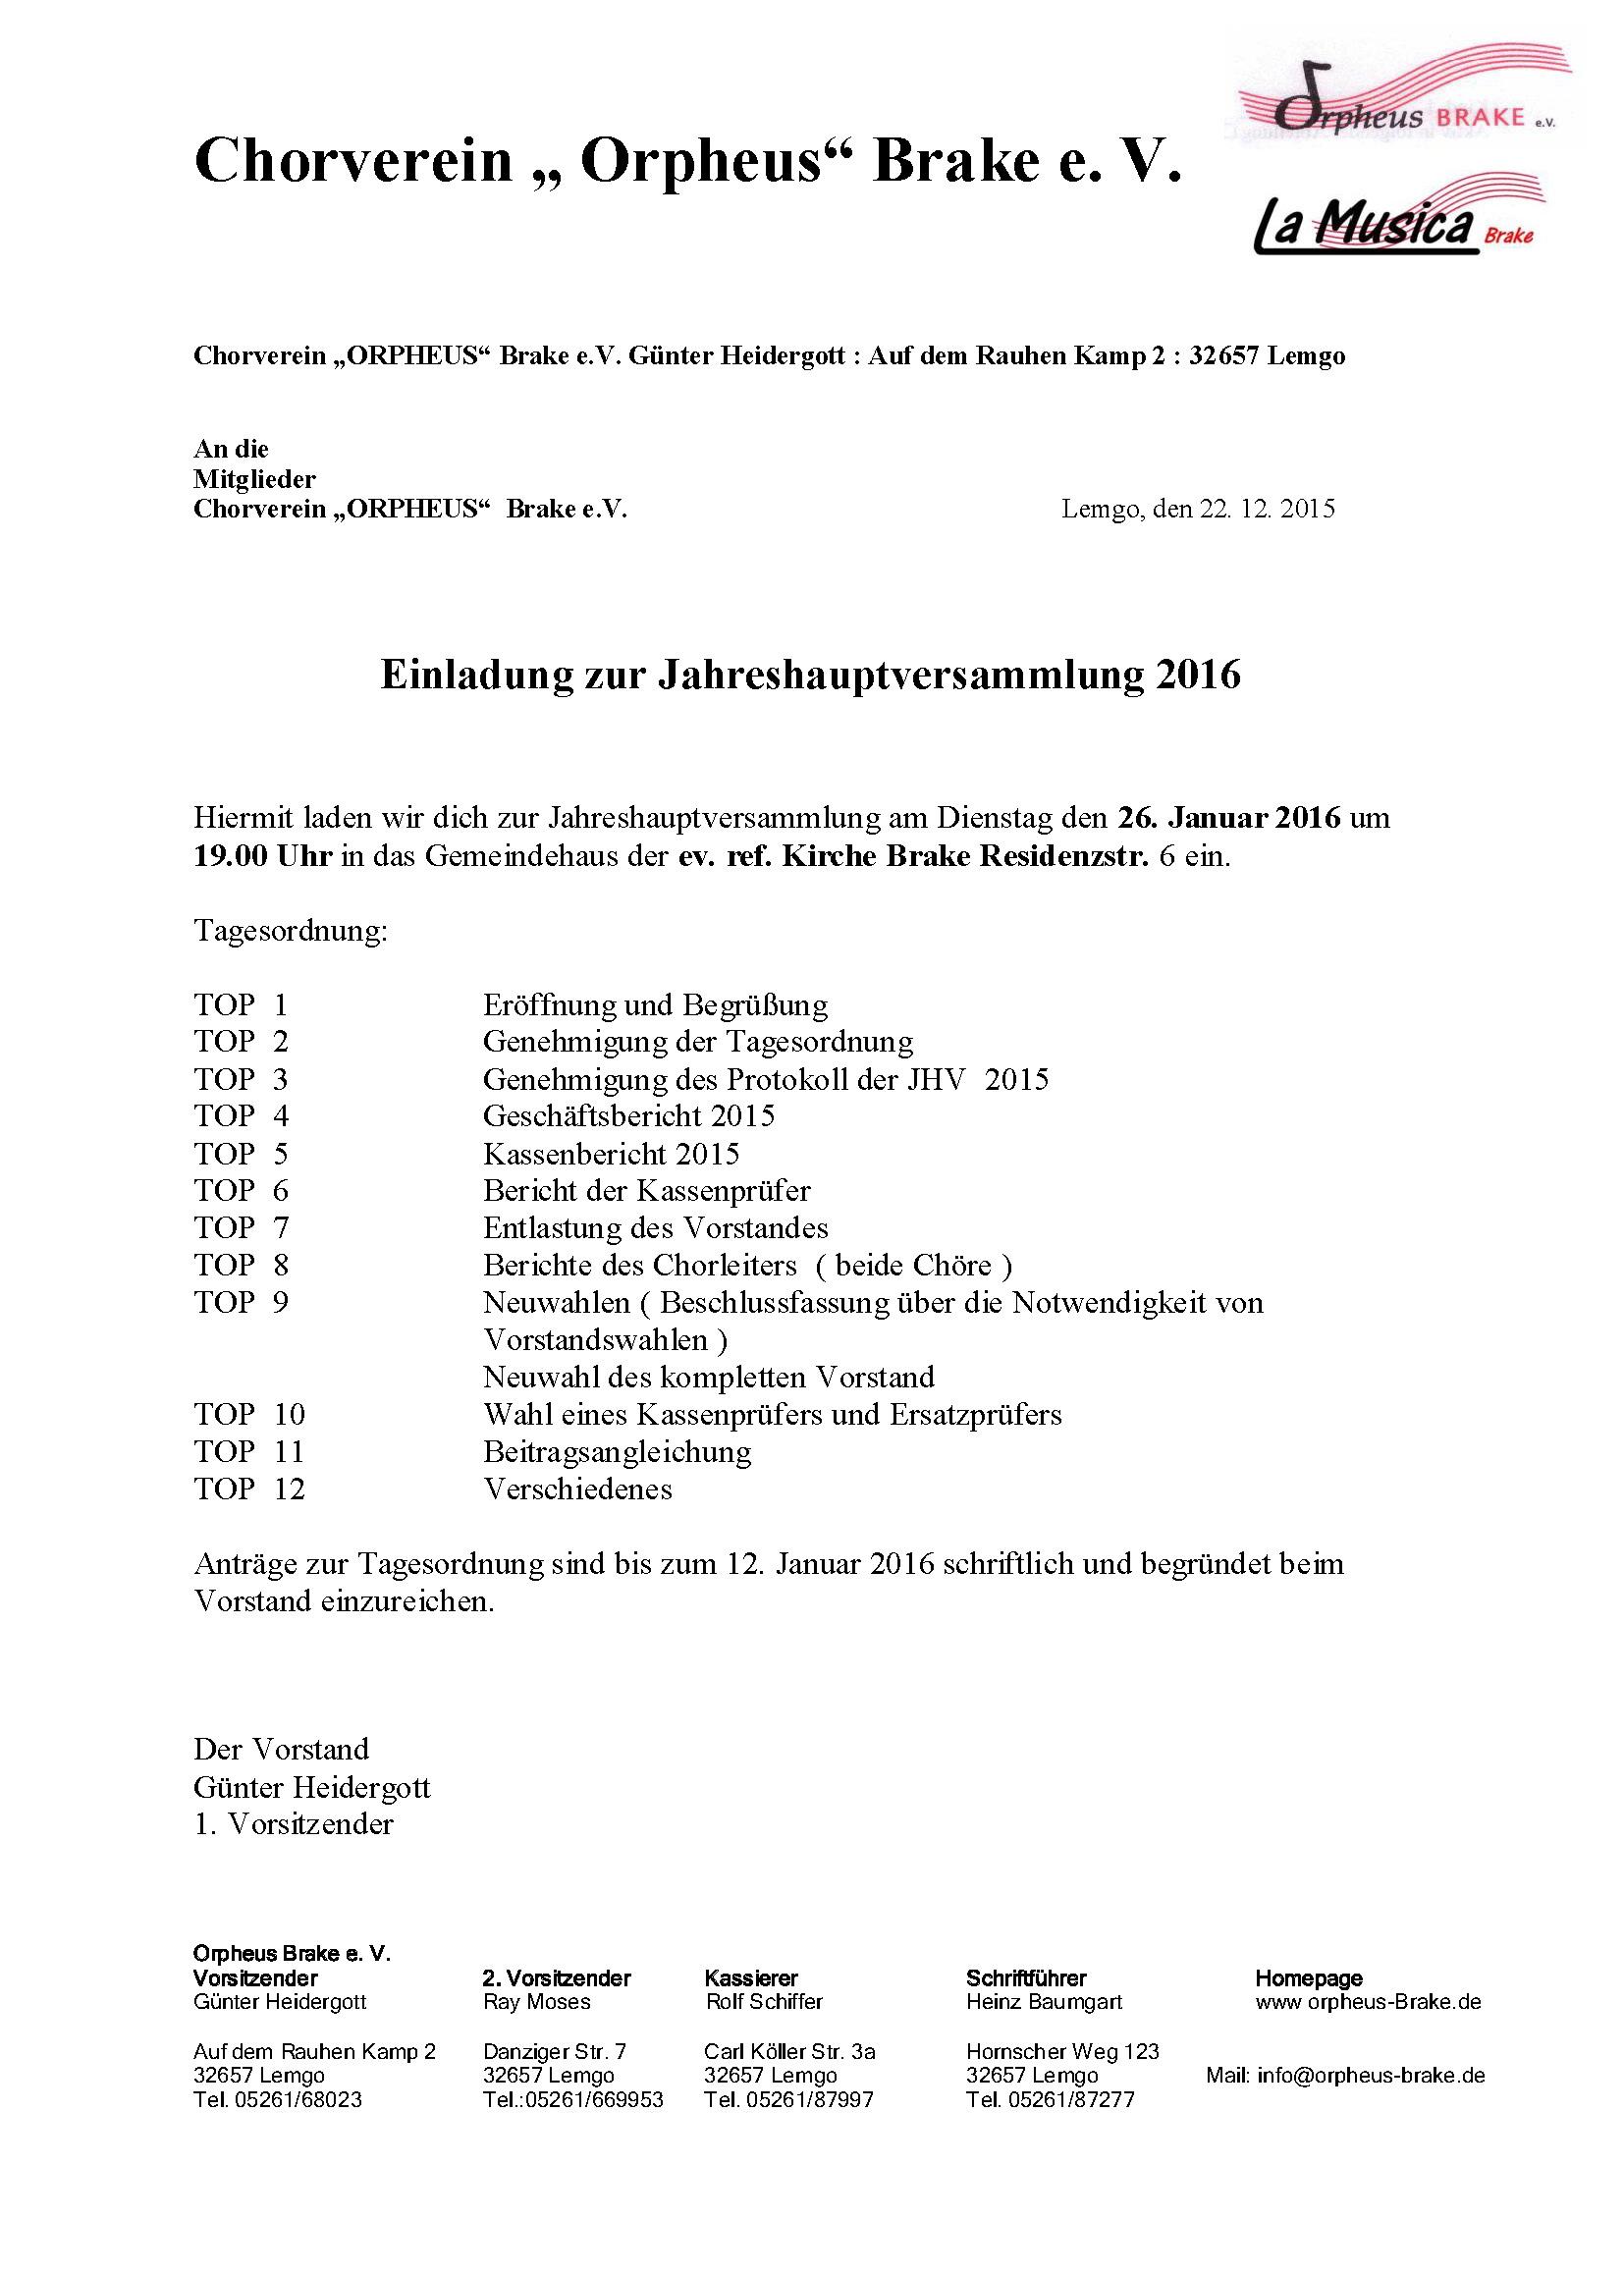 Einladung Jahreshauptversammlung 2016